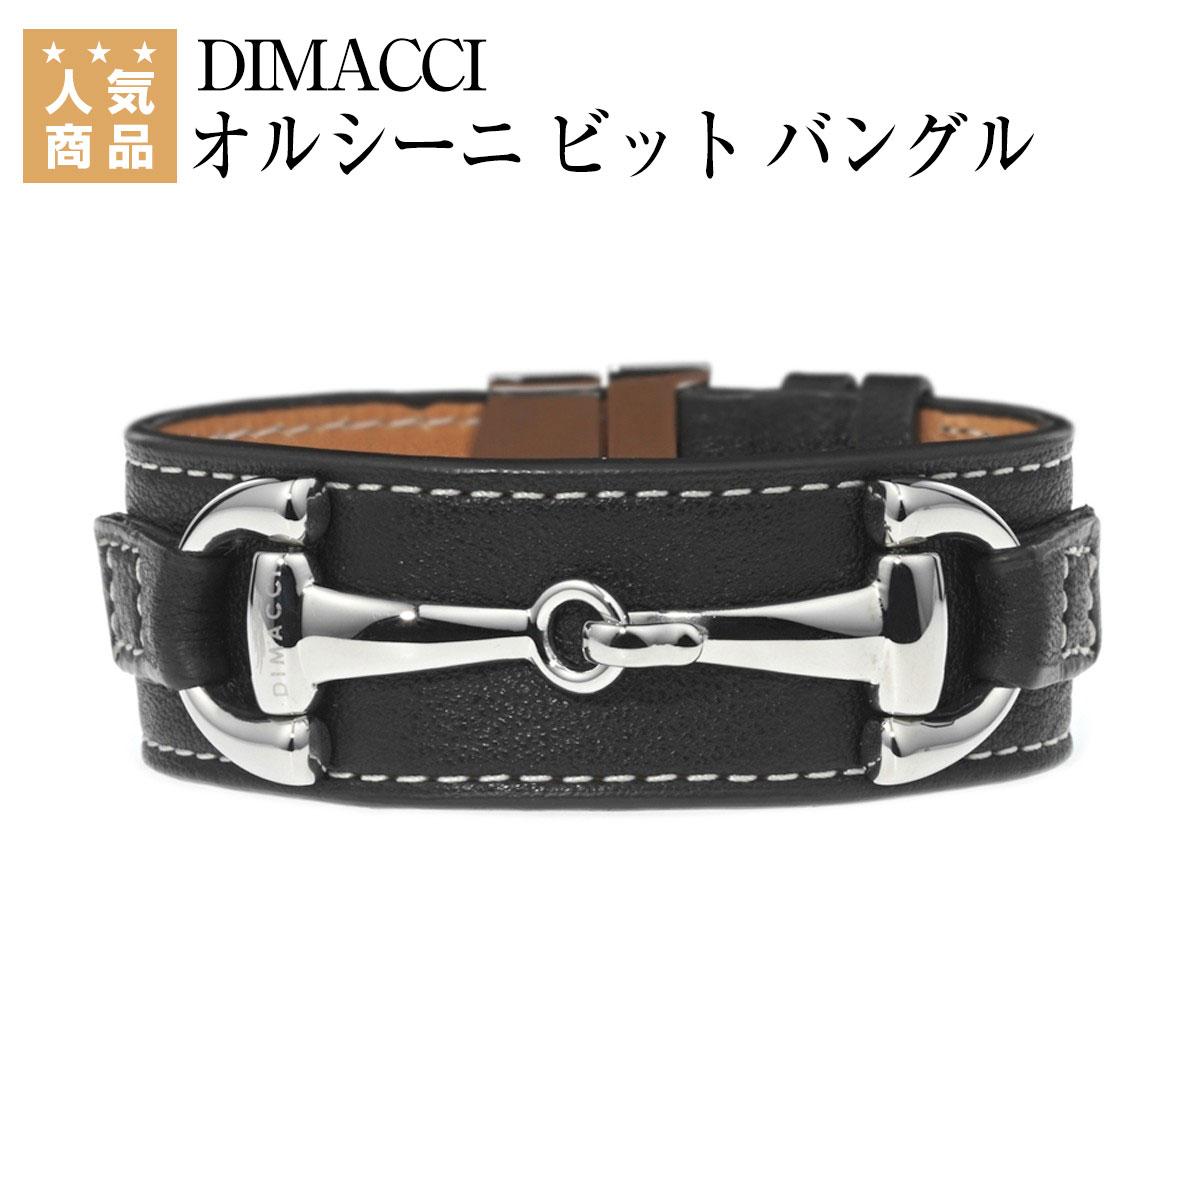 【月間優良ショップ】乗馬 雑貨 送料無料 DIMACCI オルシーニ ビット バングル 乗馬用品 馬具